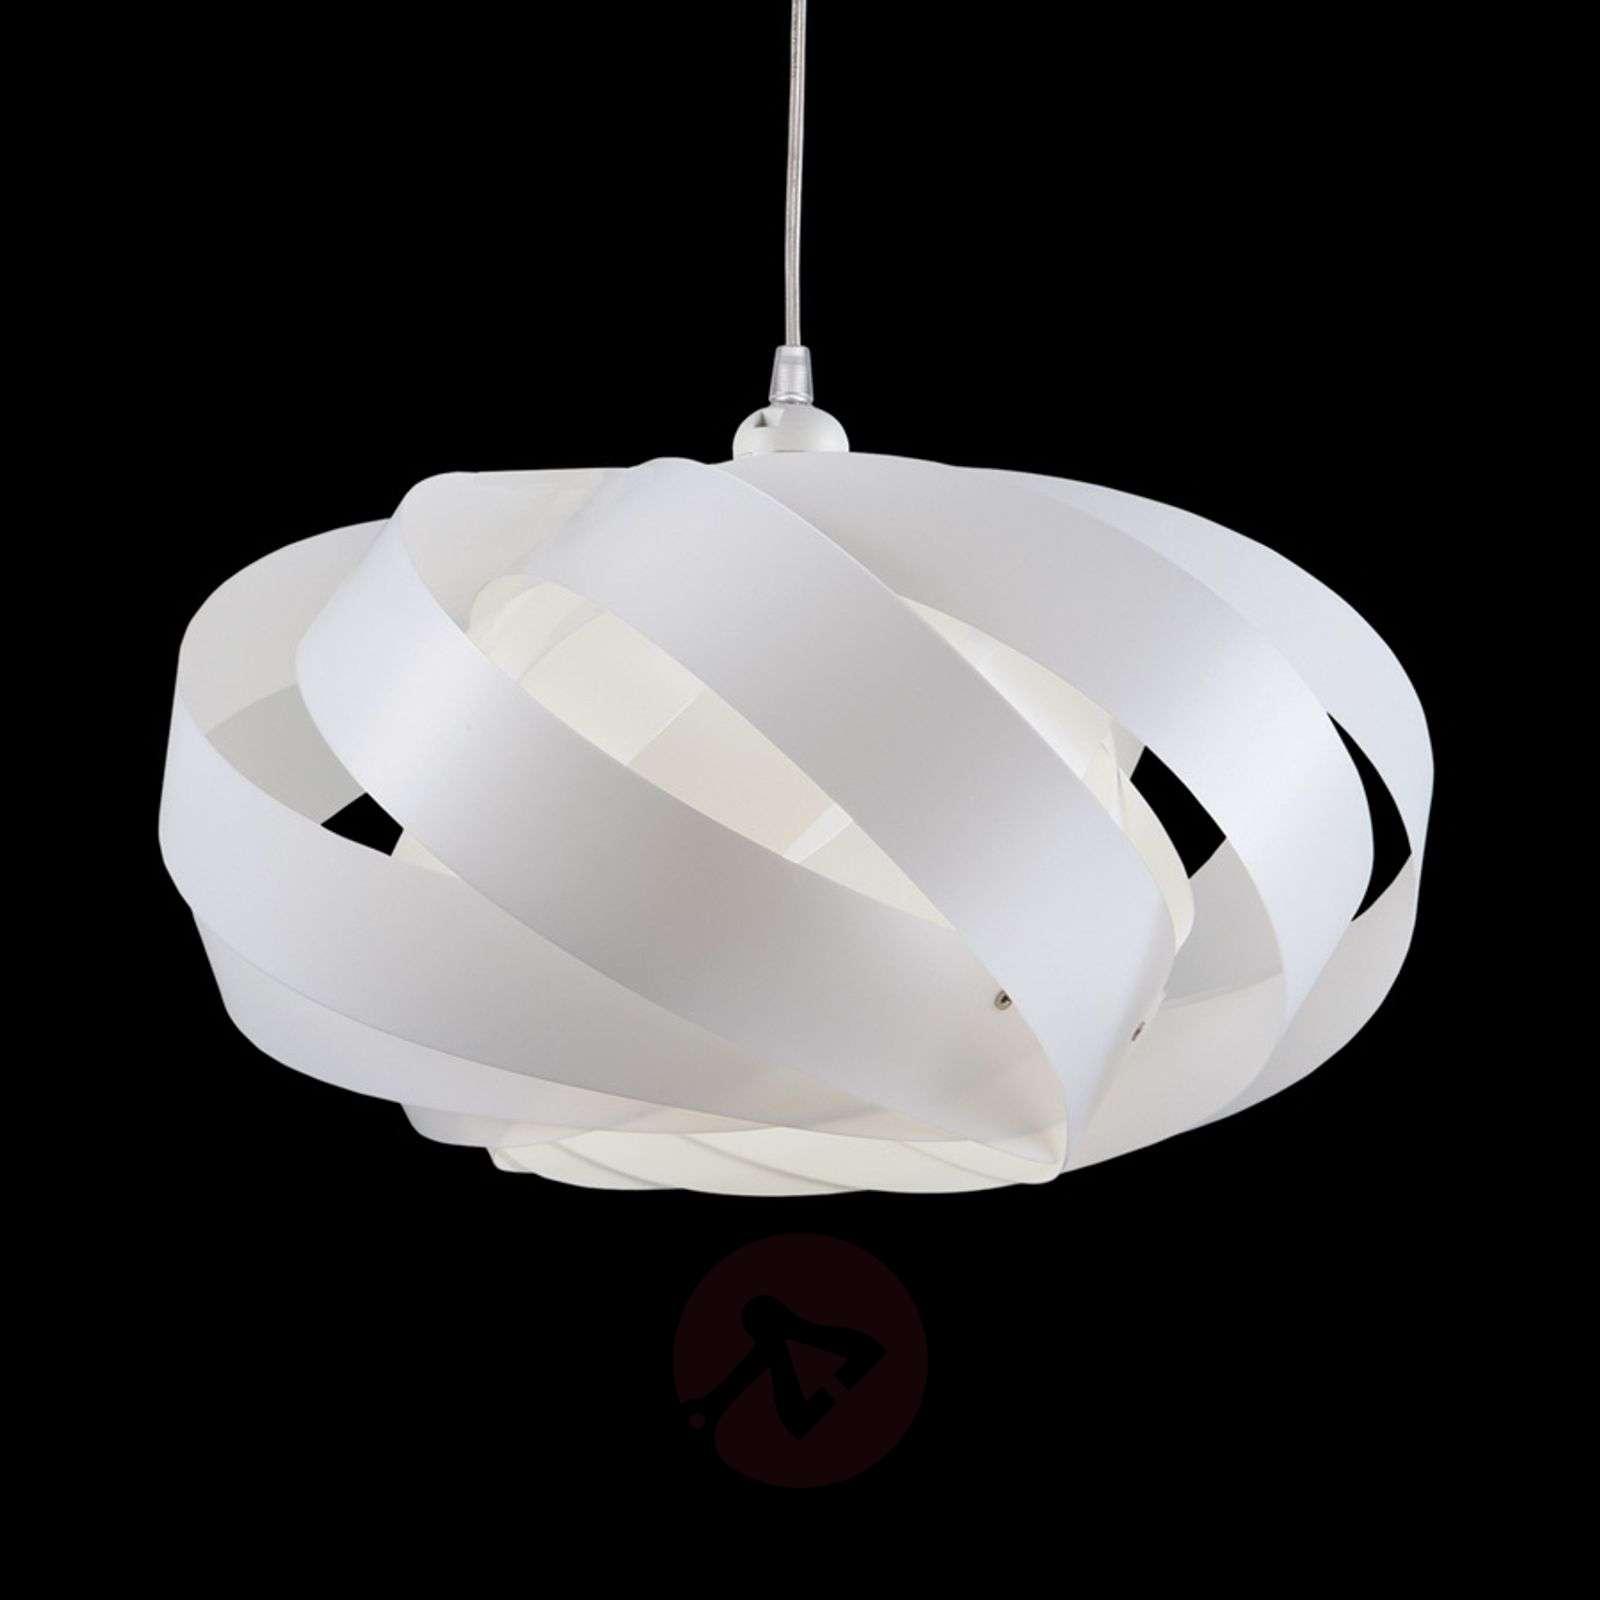 Raidallinen Mininest-riippuvalaisin, valkoinen-1056034-01